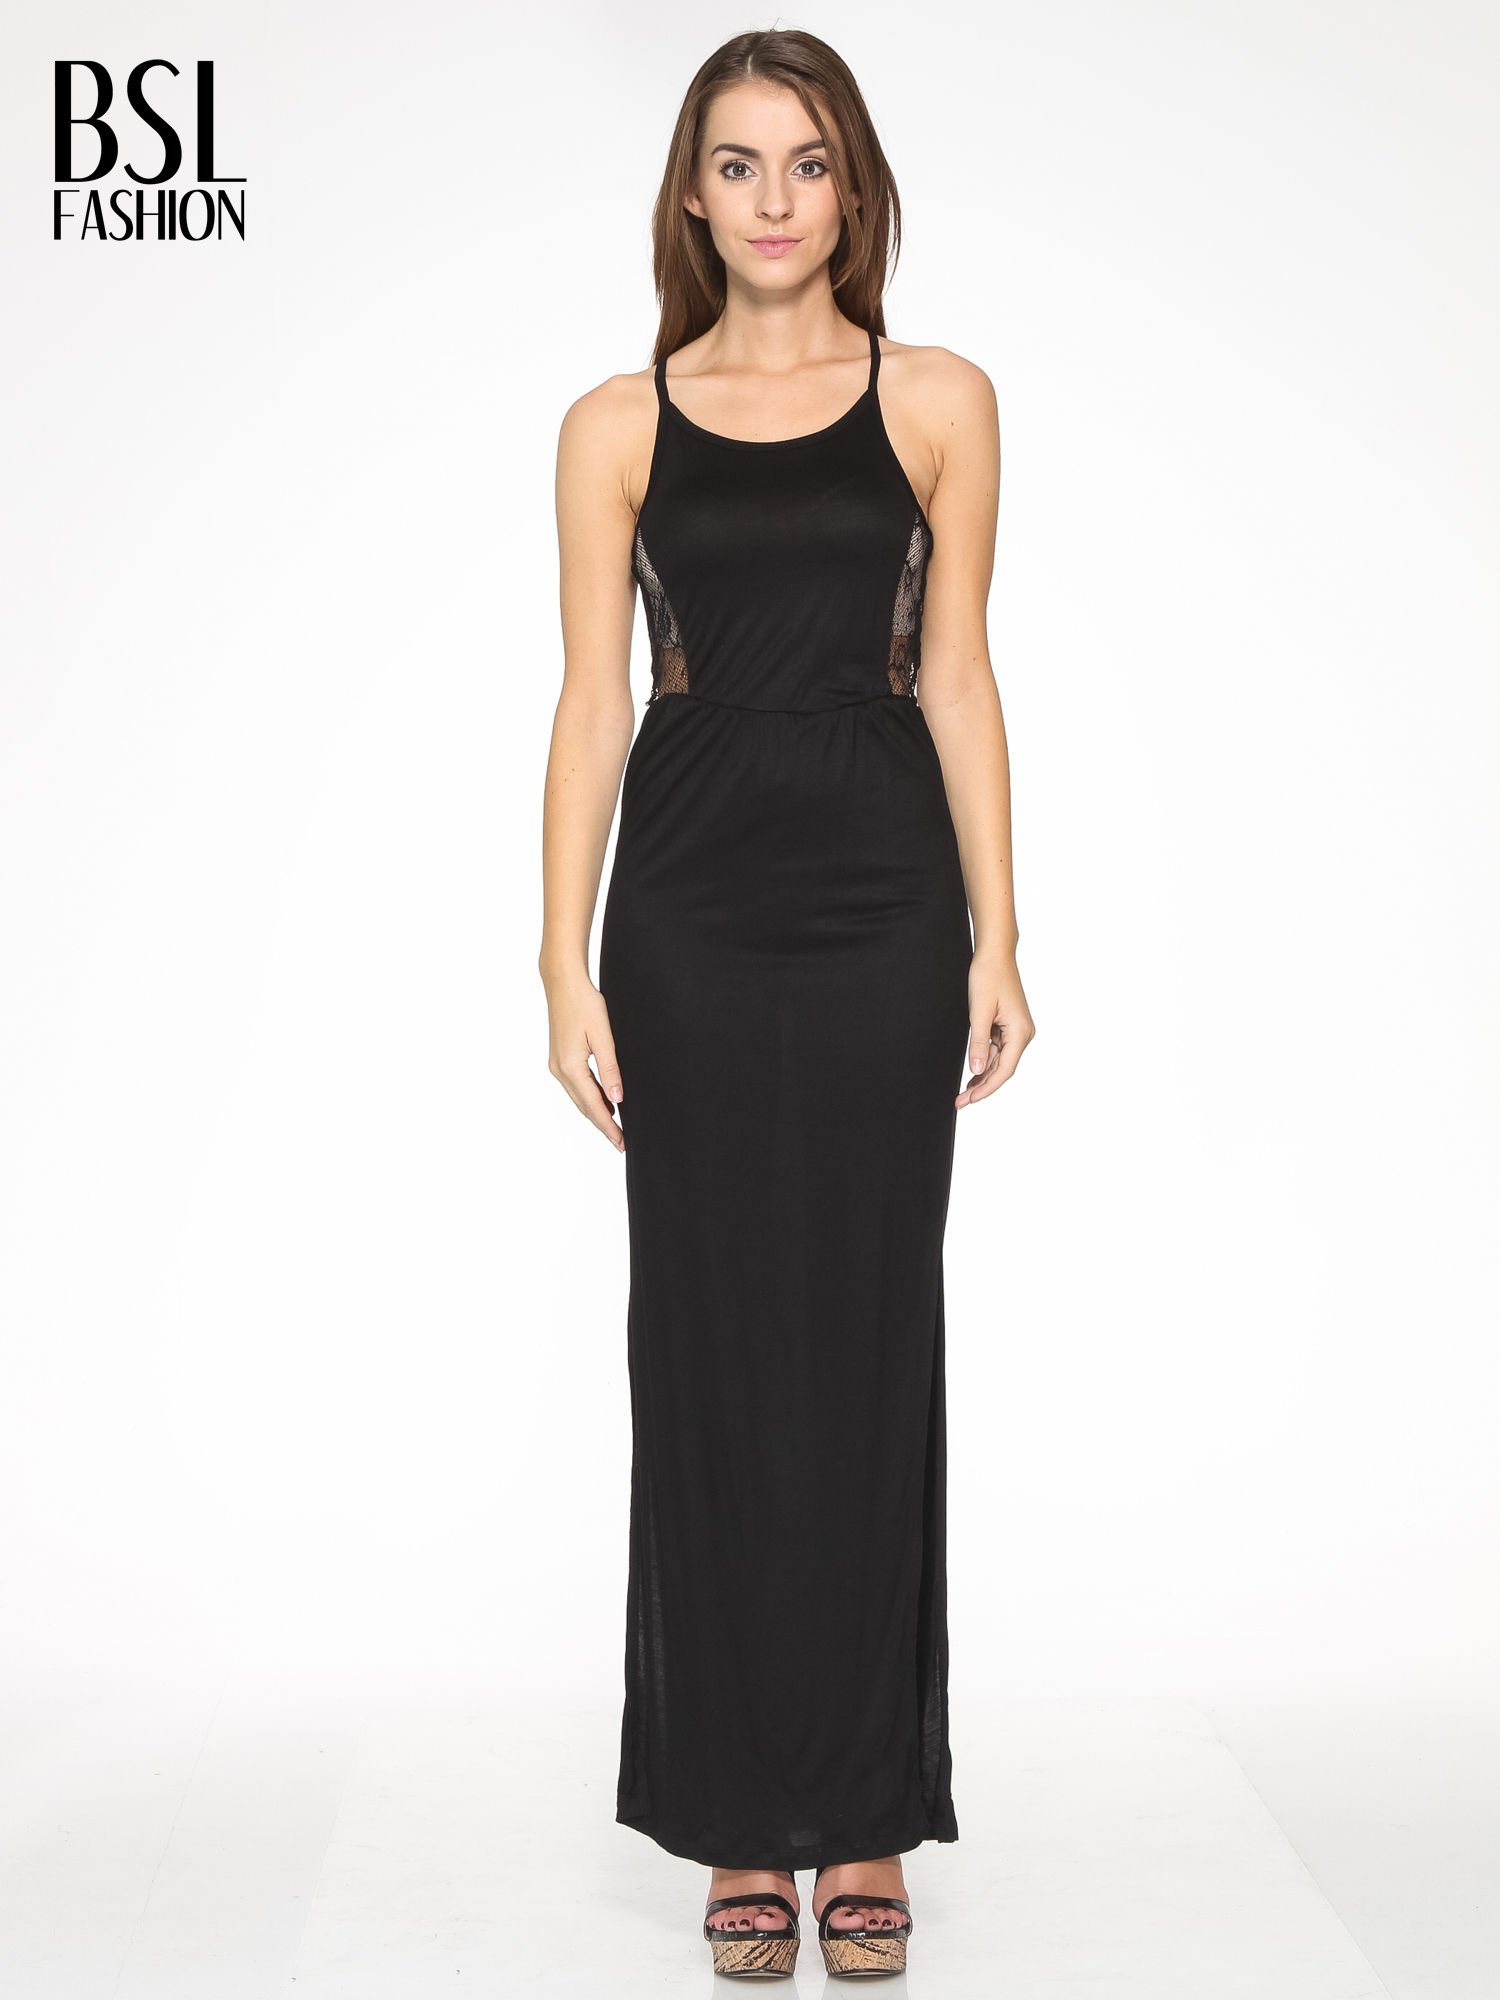 Czarna sukienka maxi na ramiączkach z koronkowym tyłem                                  zdj.                                  1